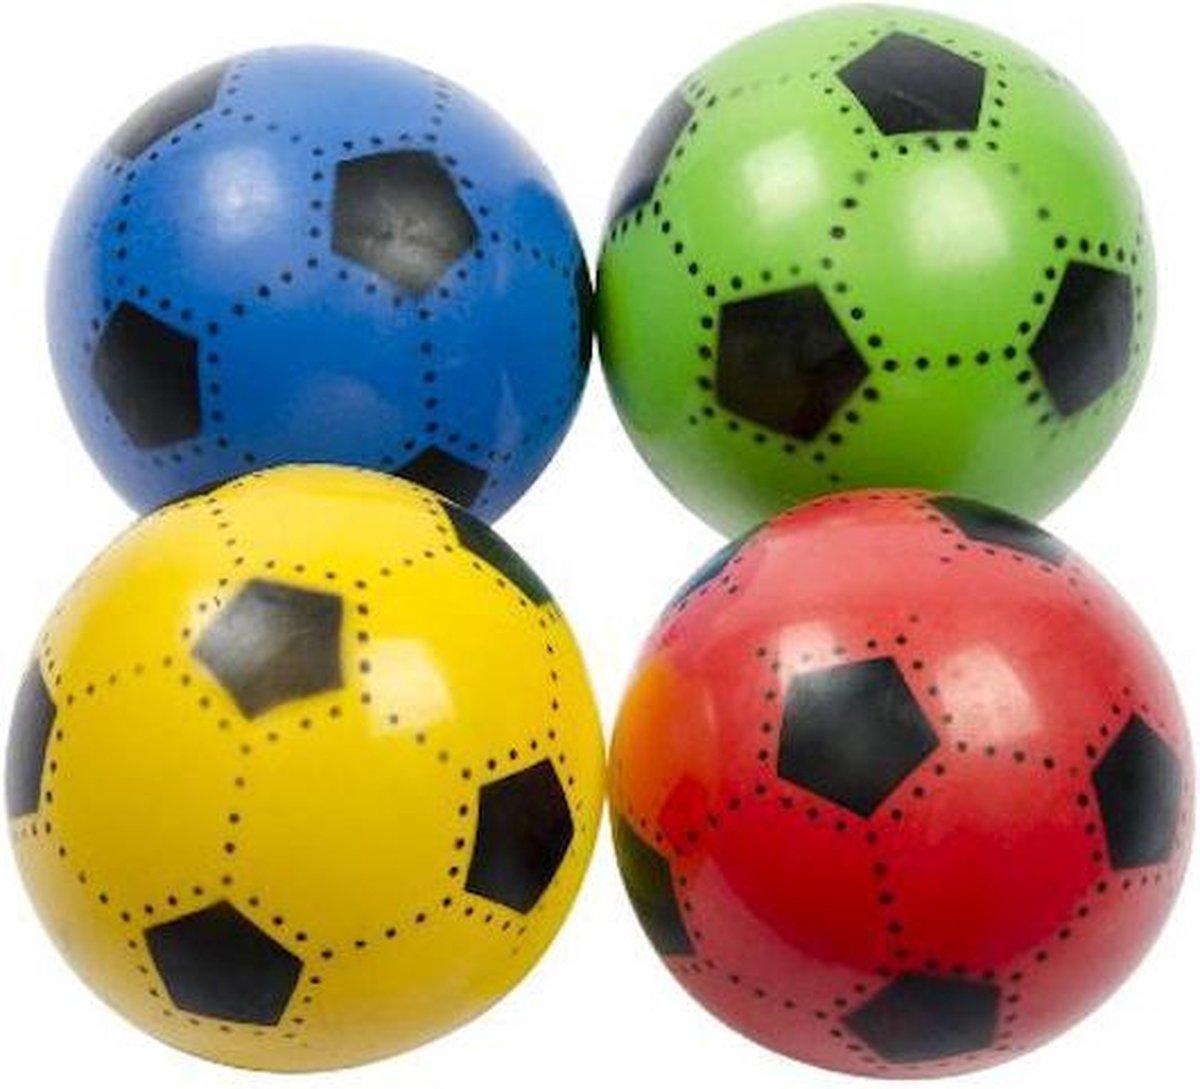 Voetbal bal plastic 4 stuks 23 cm - 90 gram - diverse kleuren - random verzending - rood blauw geel